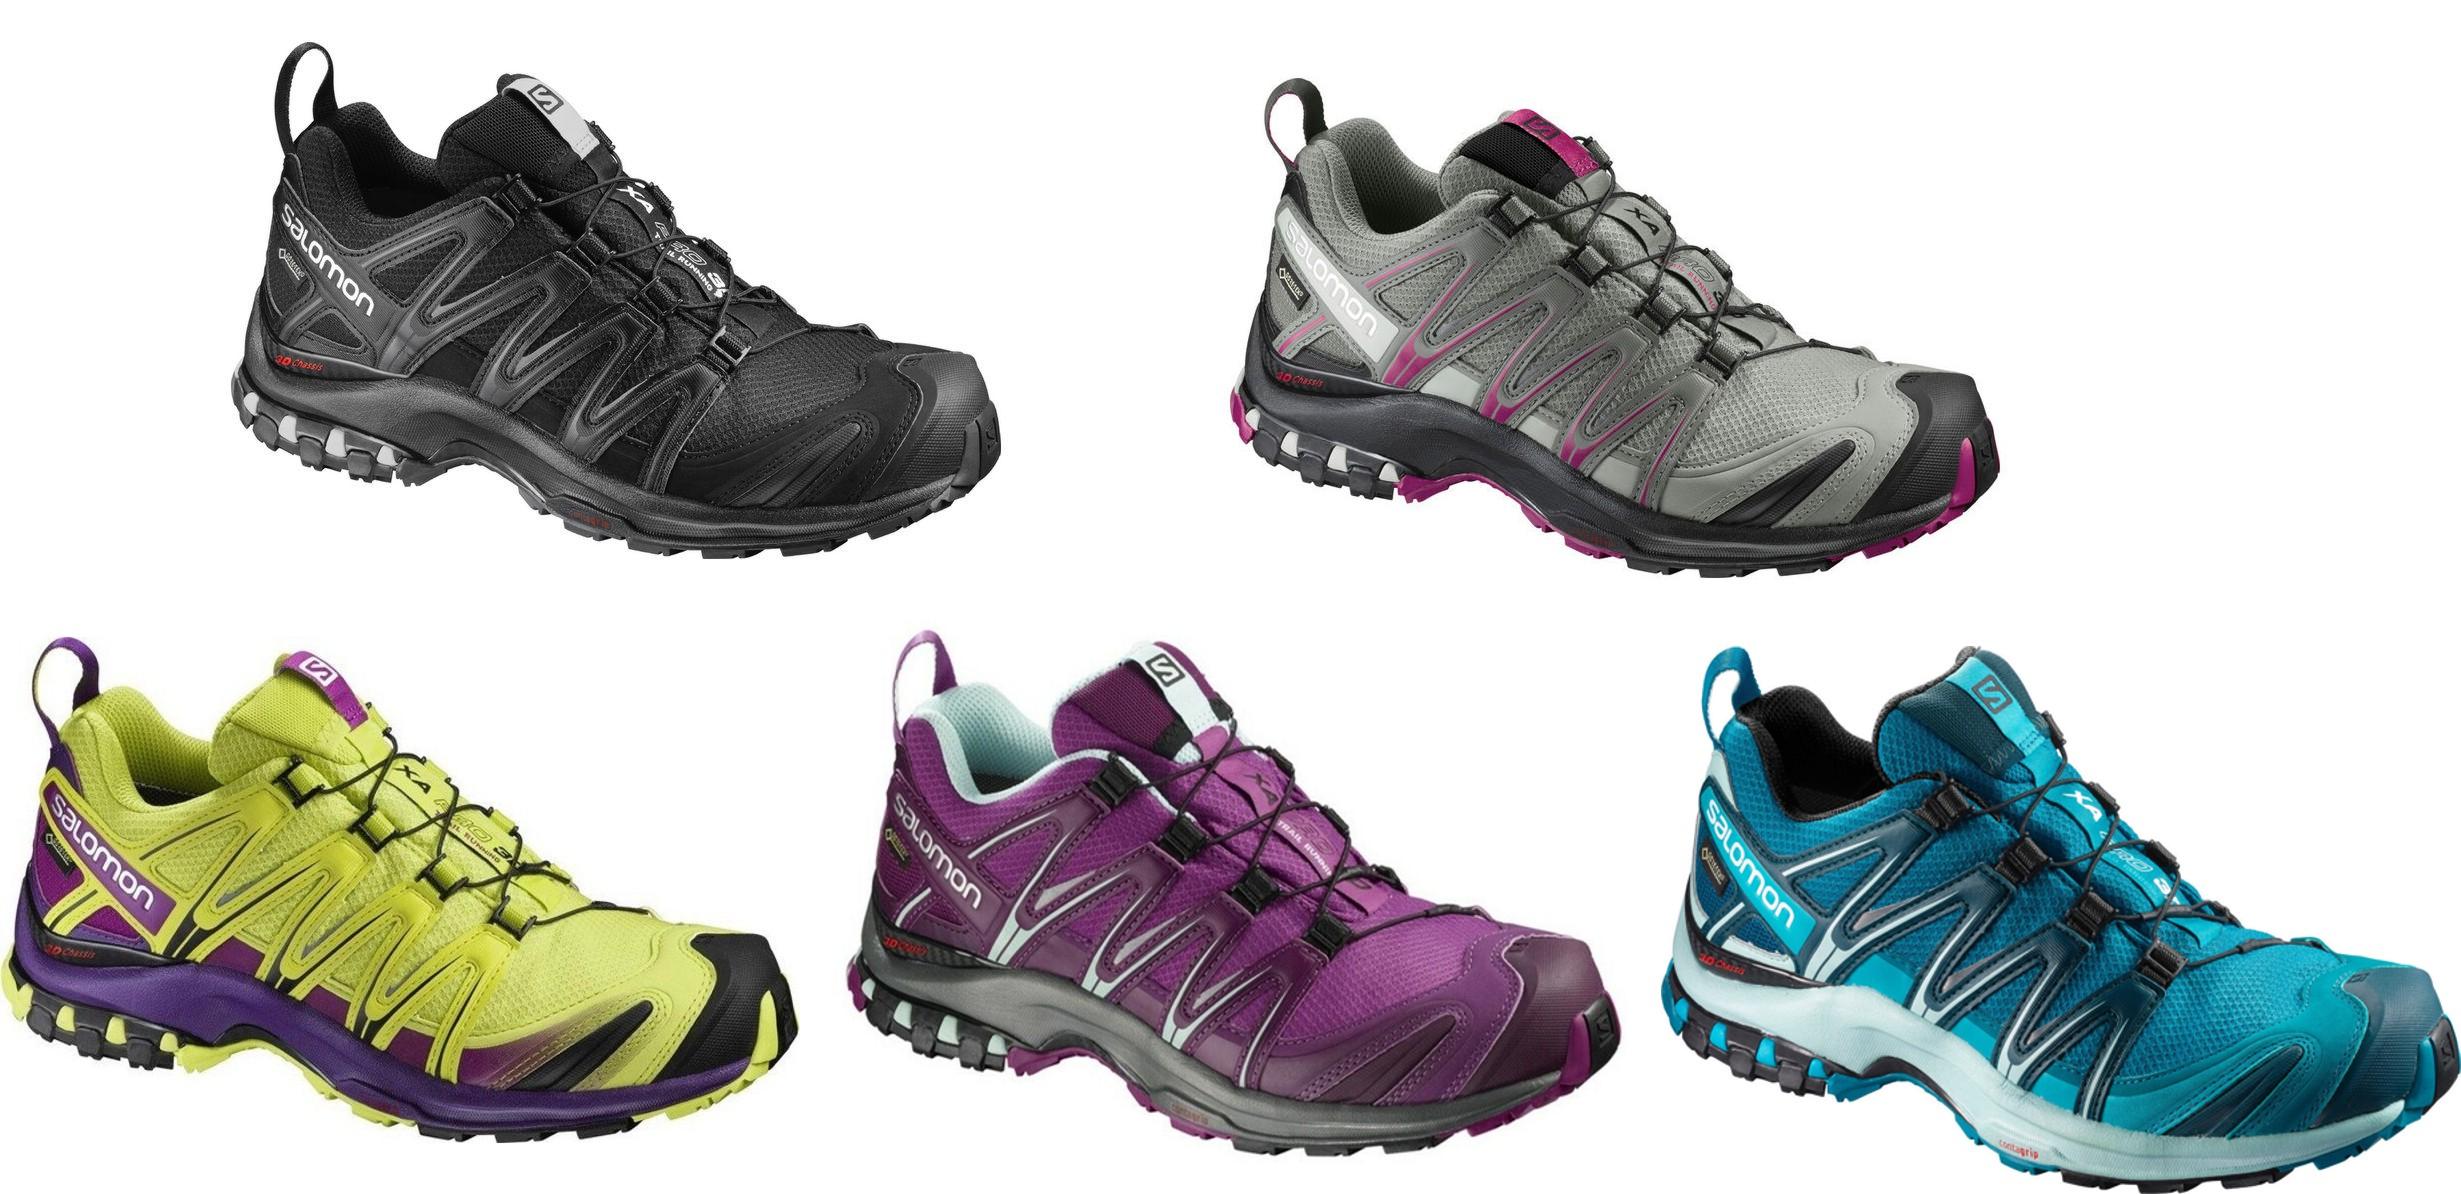 outlet store 0d6c4 a424d Salomon XA PRO 3D GTX® - Outdoorschuhe Trekkingschuhe für Damen